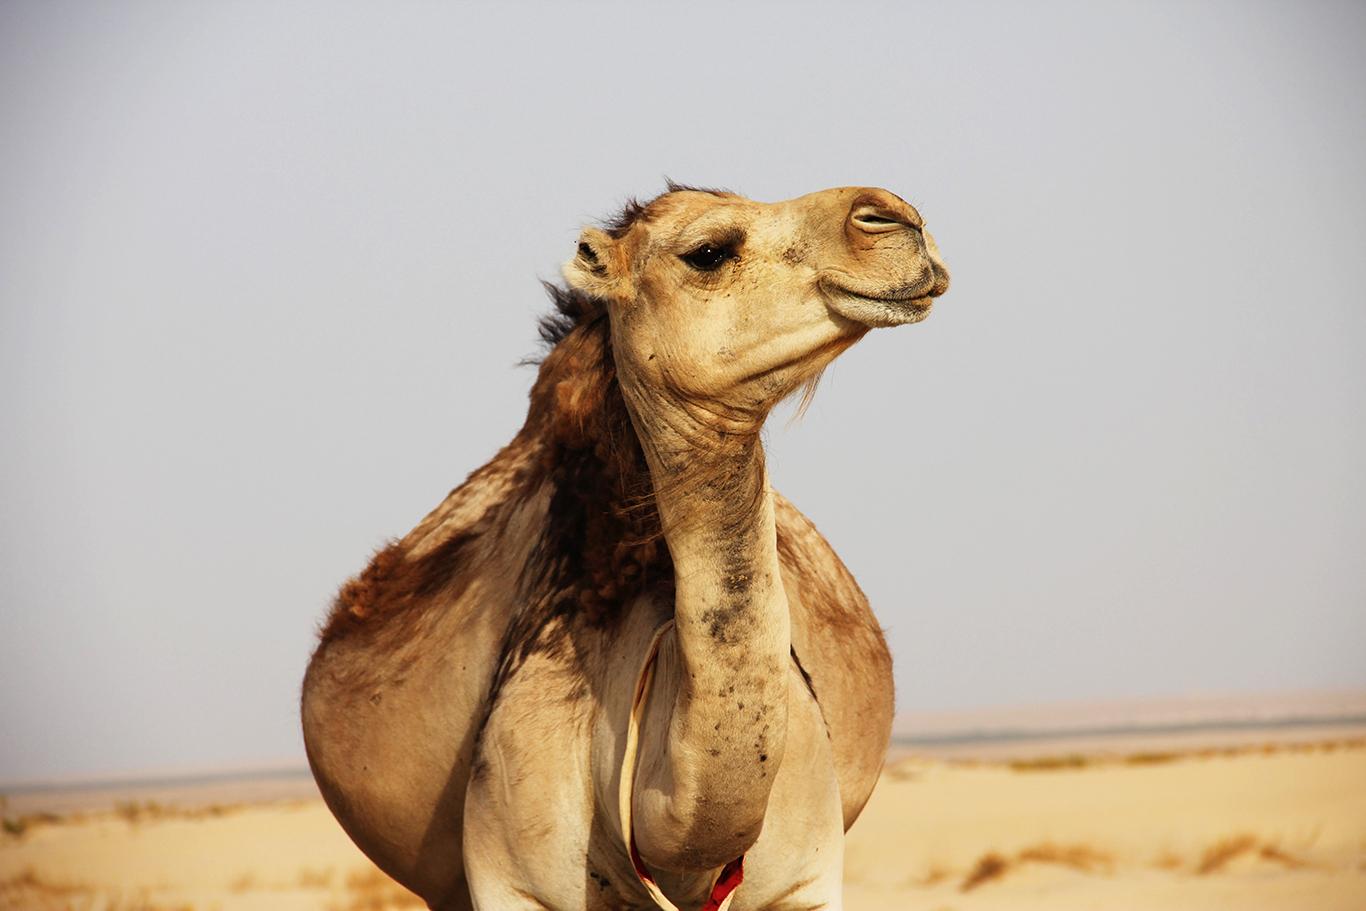 チュニジアの観光スポットを紹介!人気旅行先の世界遺産などを網羅!